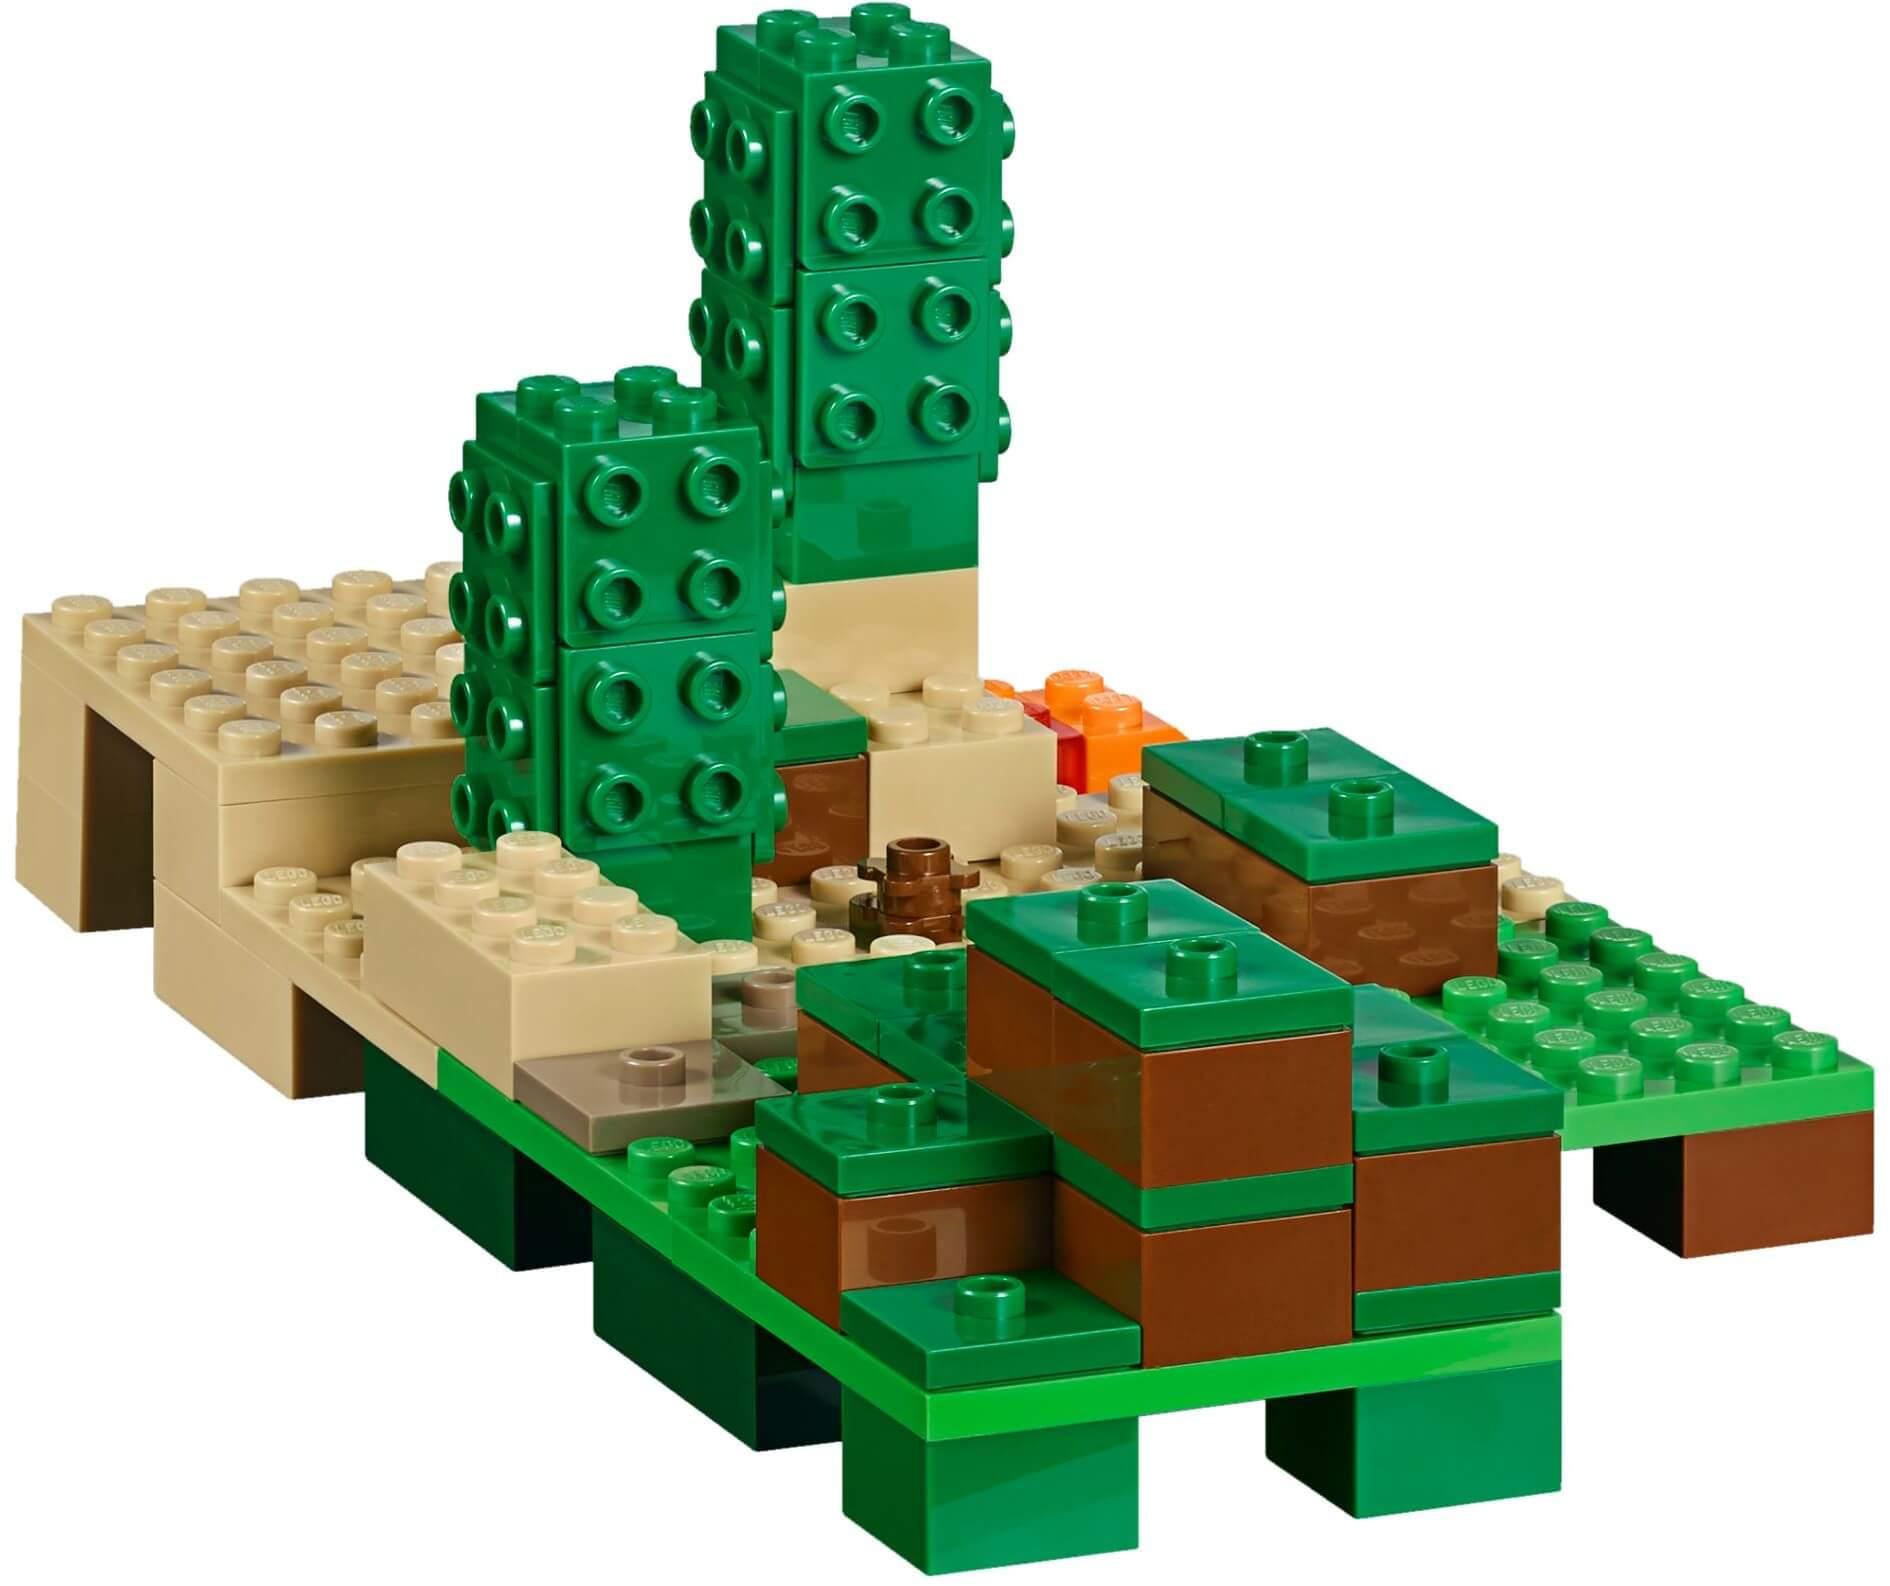 Mua đồ chơi LEGO 21135 - LEGO Minecraft 21135 - Hộp Gạch LEGO Minecraft Tổng Hợp 2.0 (LEGO Minecraft The Crafting Box 2.0)